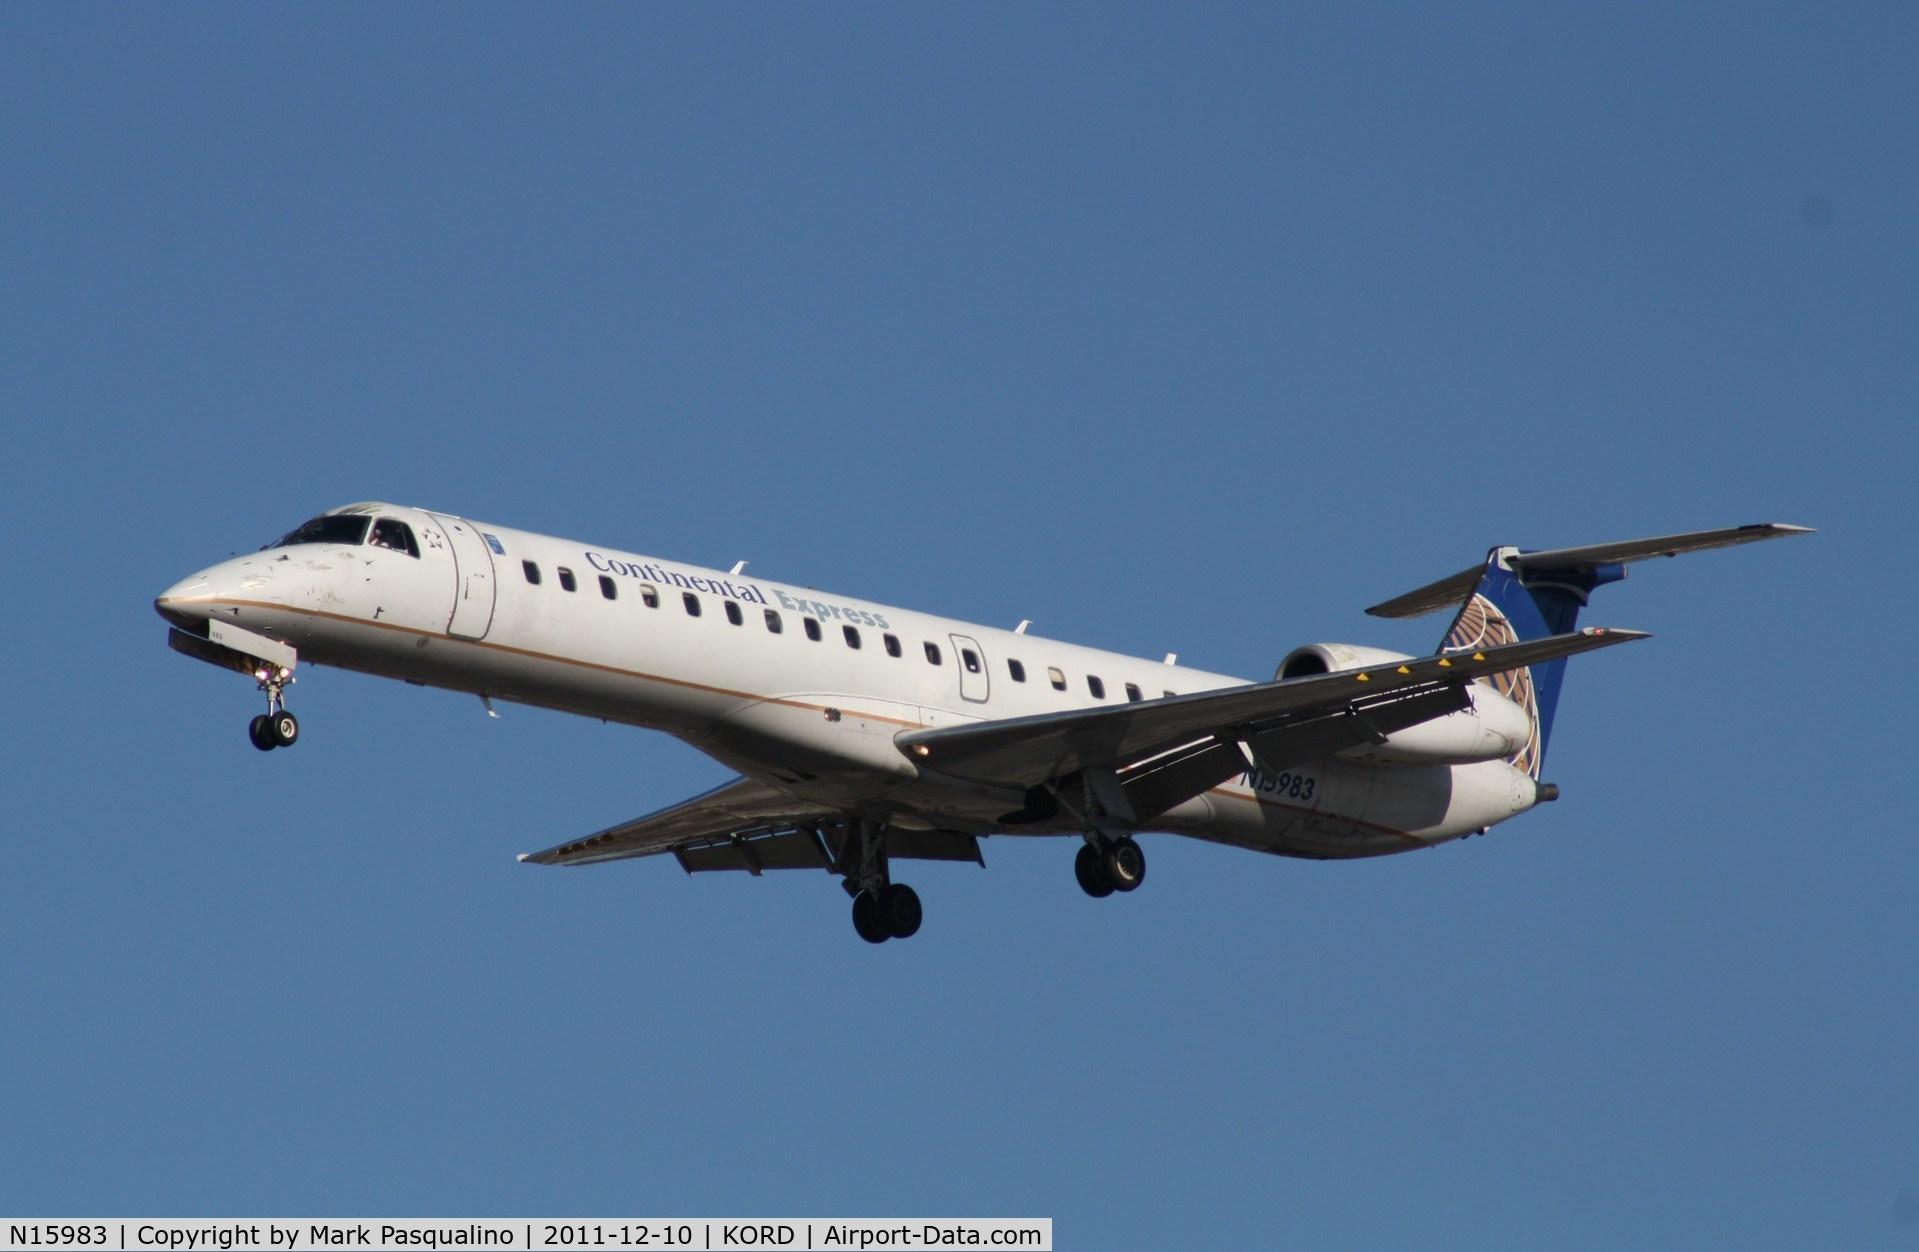 N15983, 2000 Embraer EMB-145LR C/N 145239, EMB-145LR